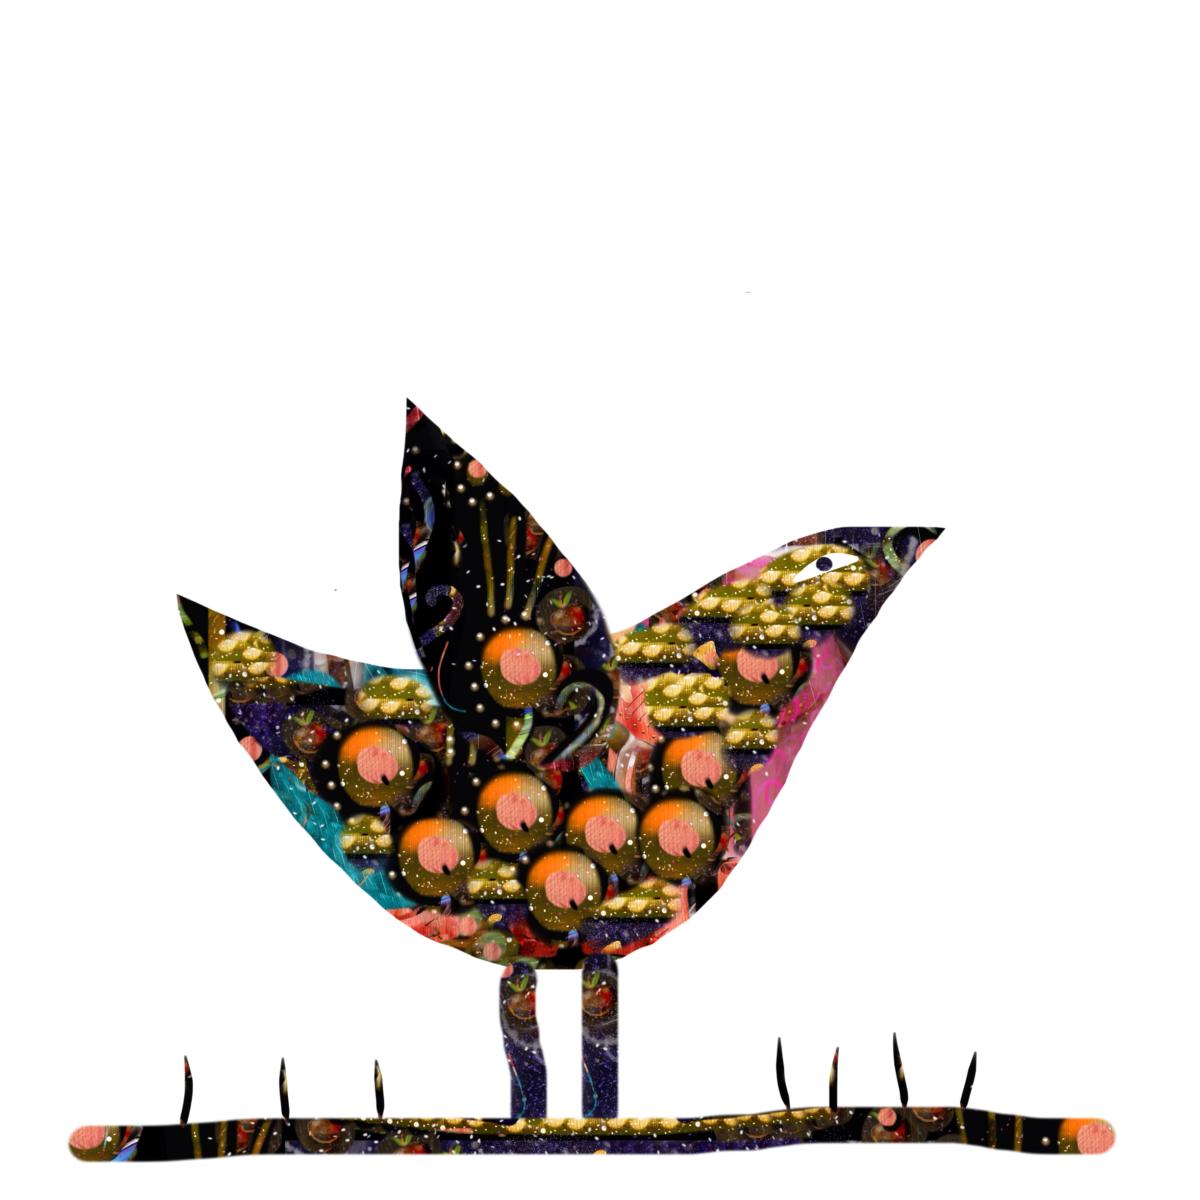 Kurbitsfågel